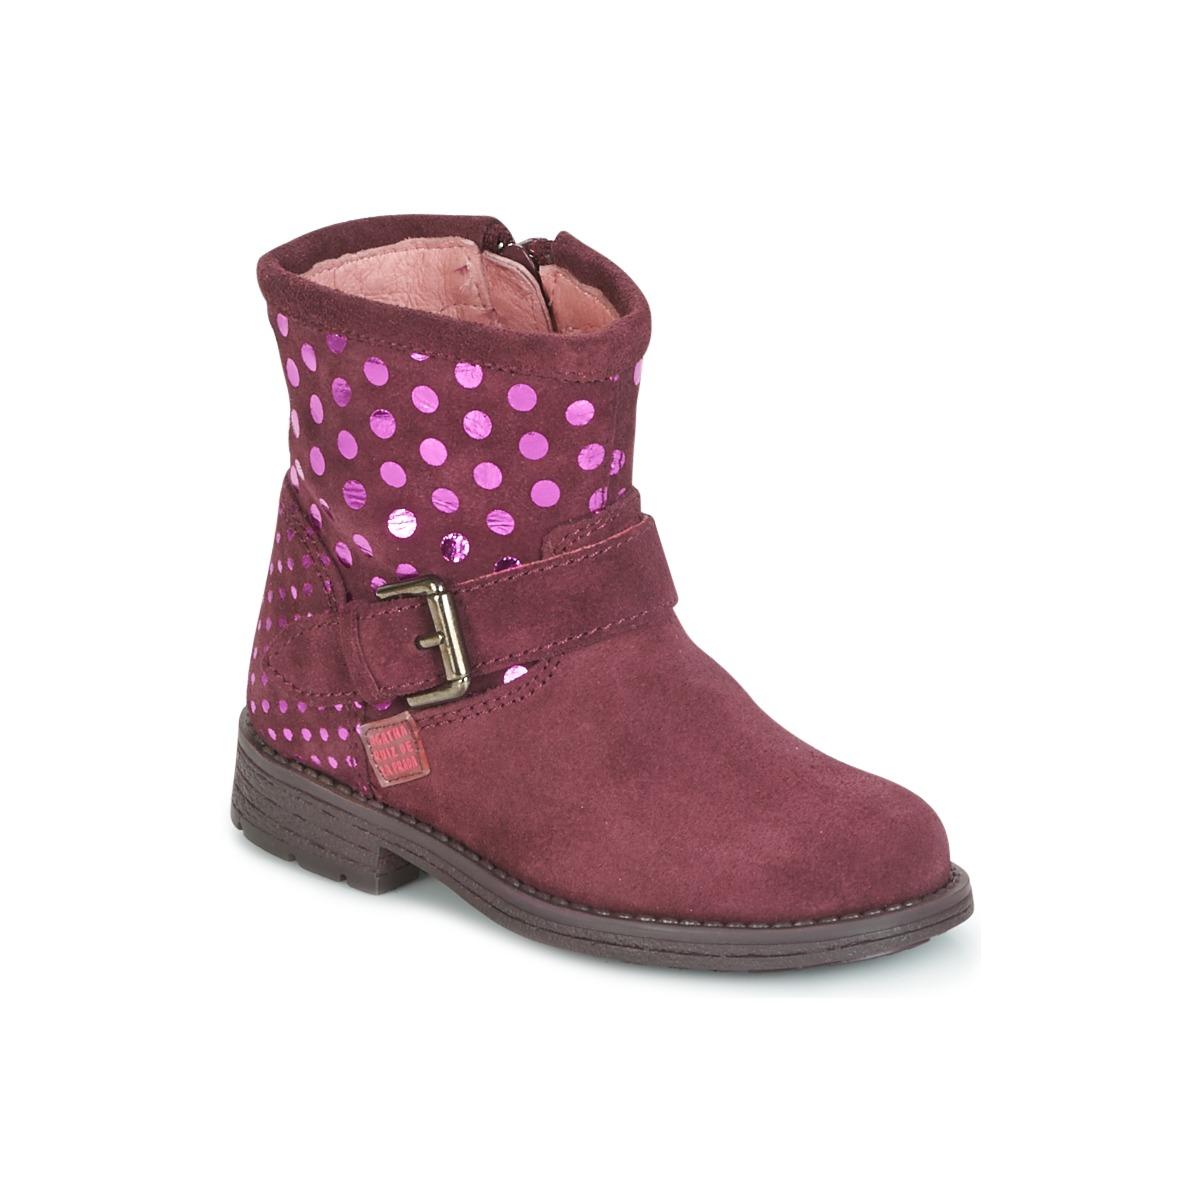 Støvler til børn Agatha Ruiz de la Prada  VAGABUNDA AGATHA